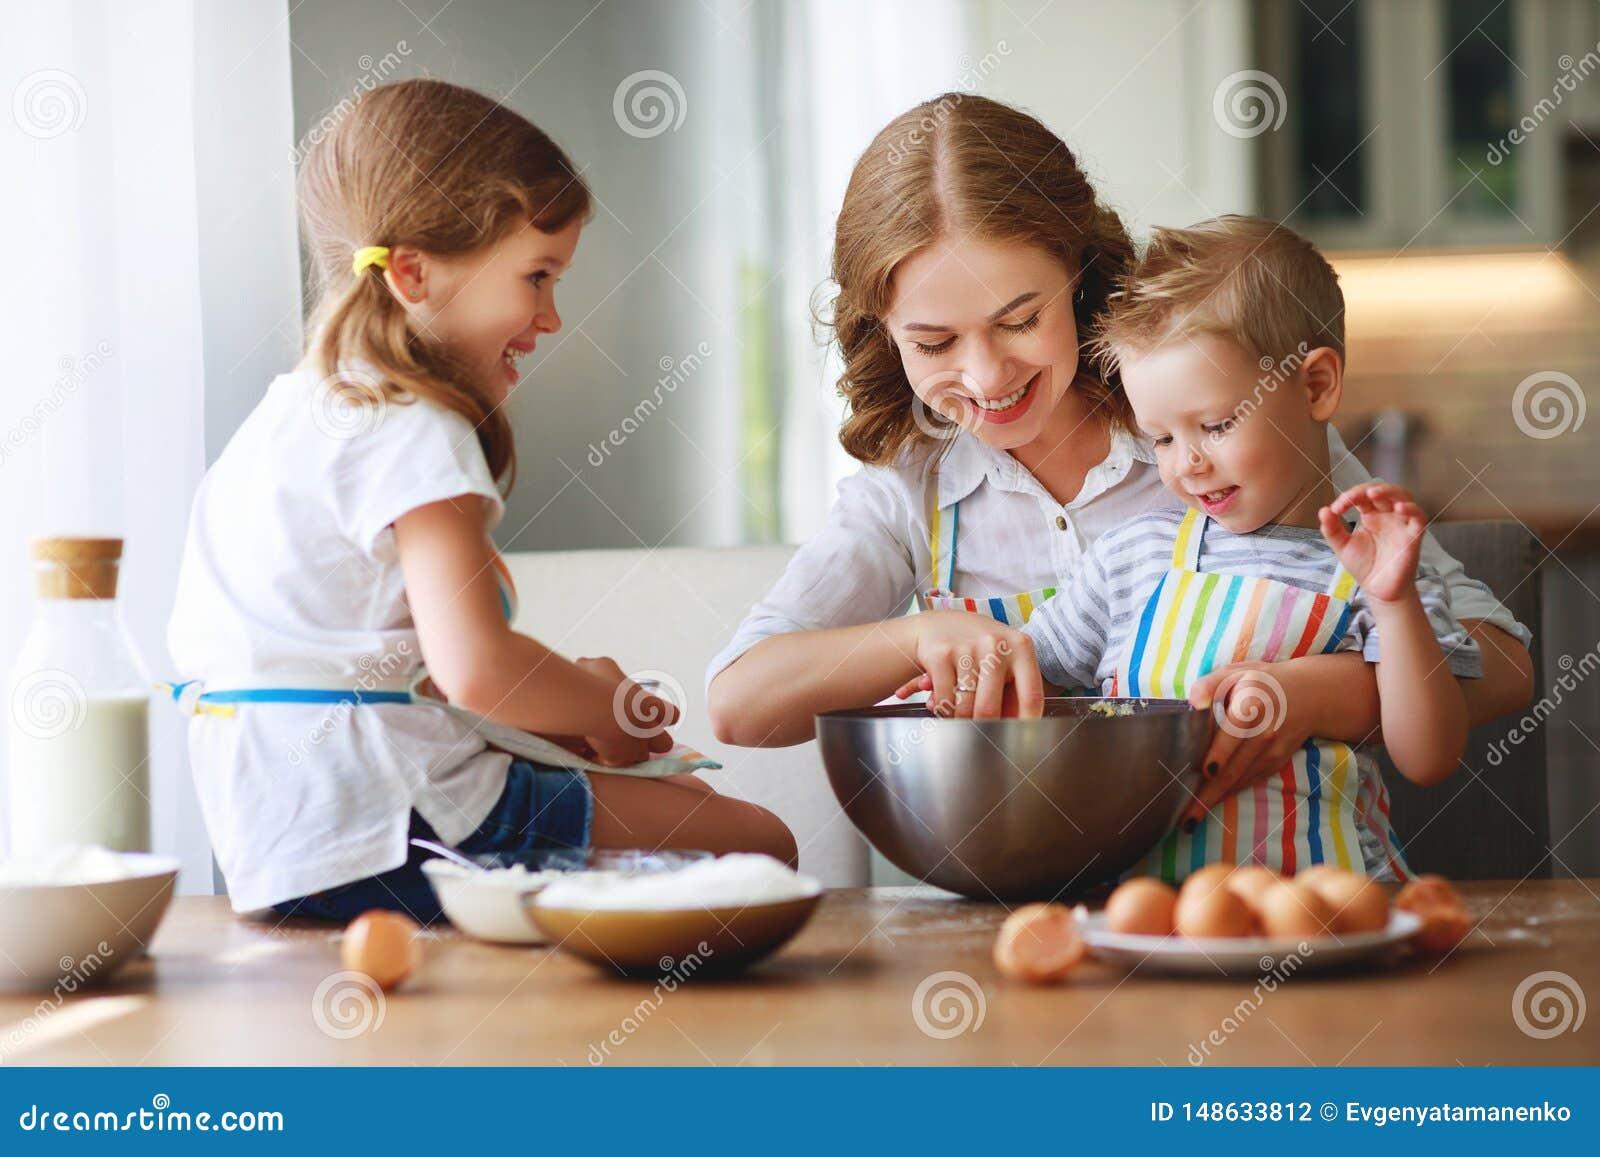 Famiglia felice in cucina la madre ed i bambini che preparano la pasta, cuociono i biscotti